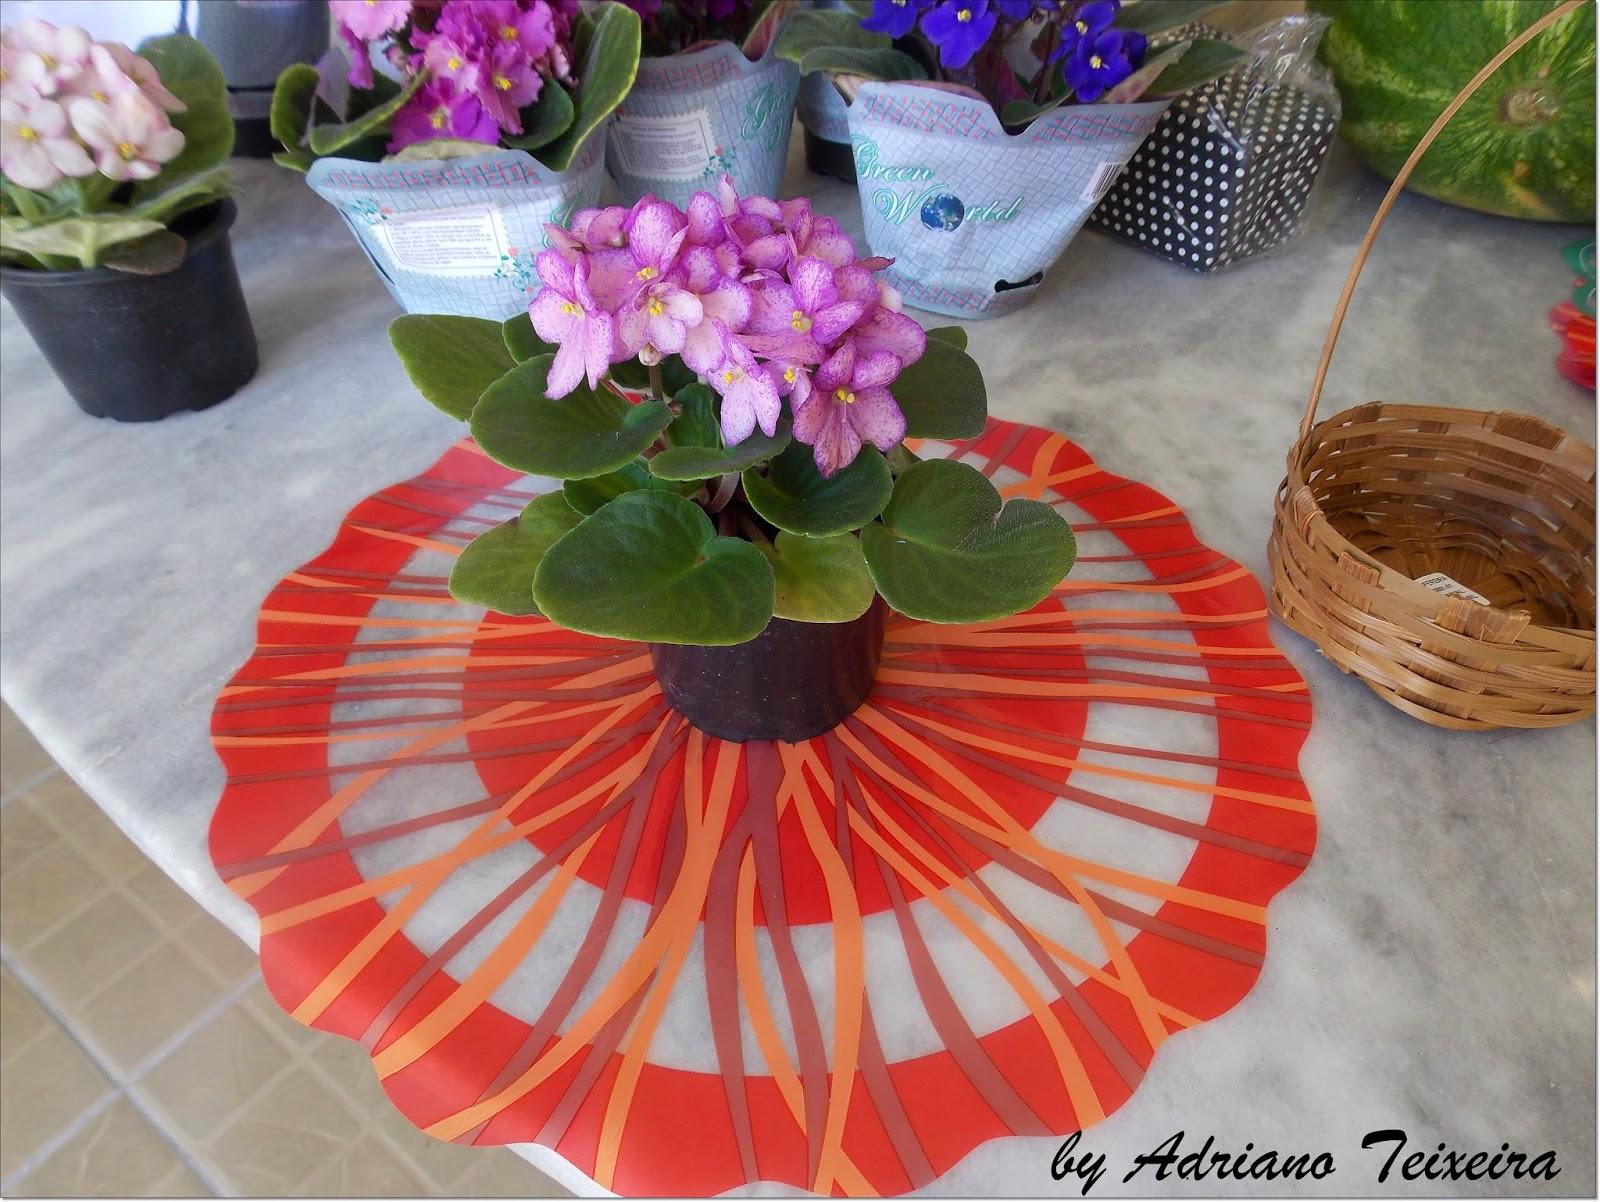 Imagenes De Flores De Violetas - Flores de violetas blancas :: Imágenes y fotos